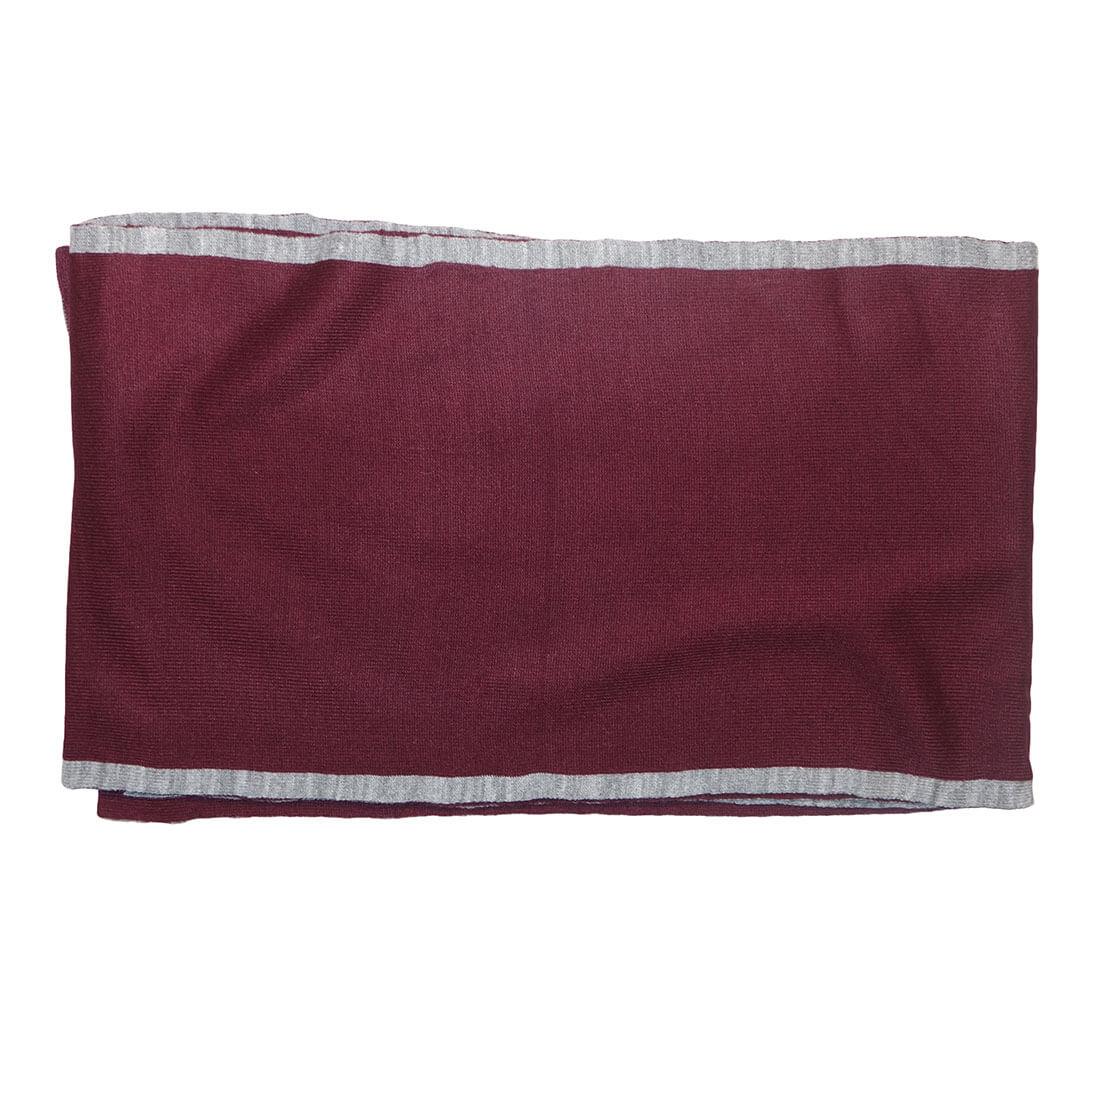 Gebreide Winter Sjaal Bordeaux / Grijs -17527